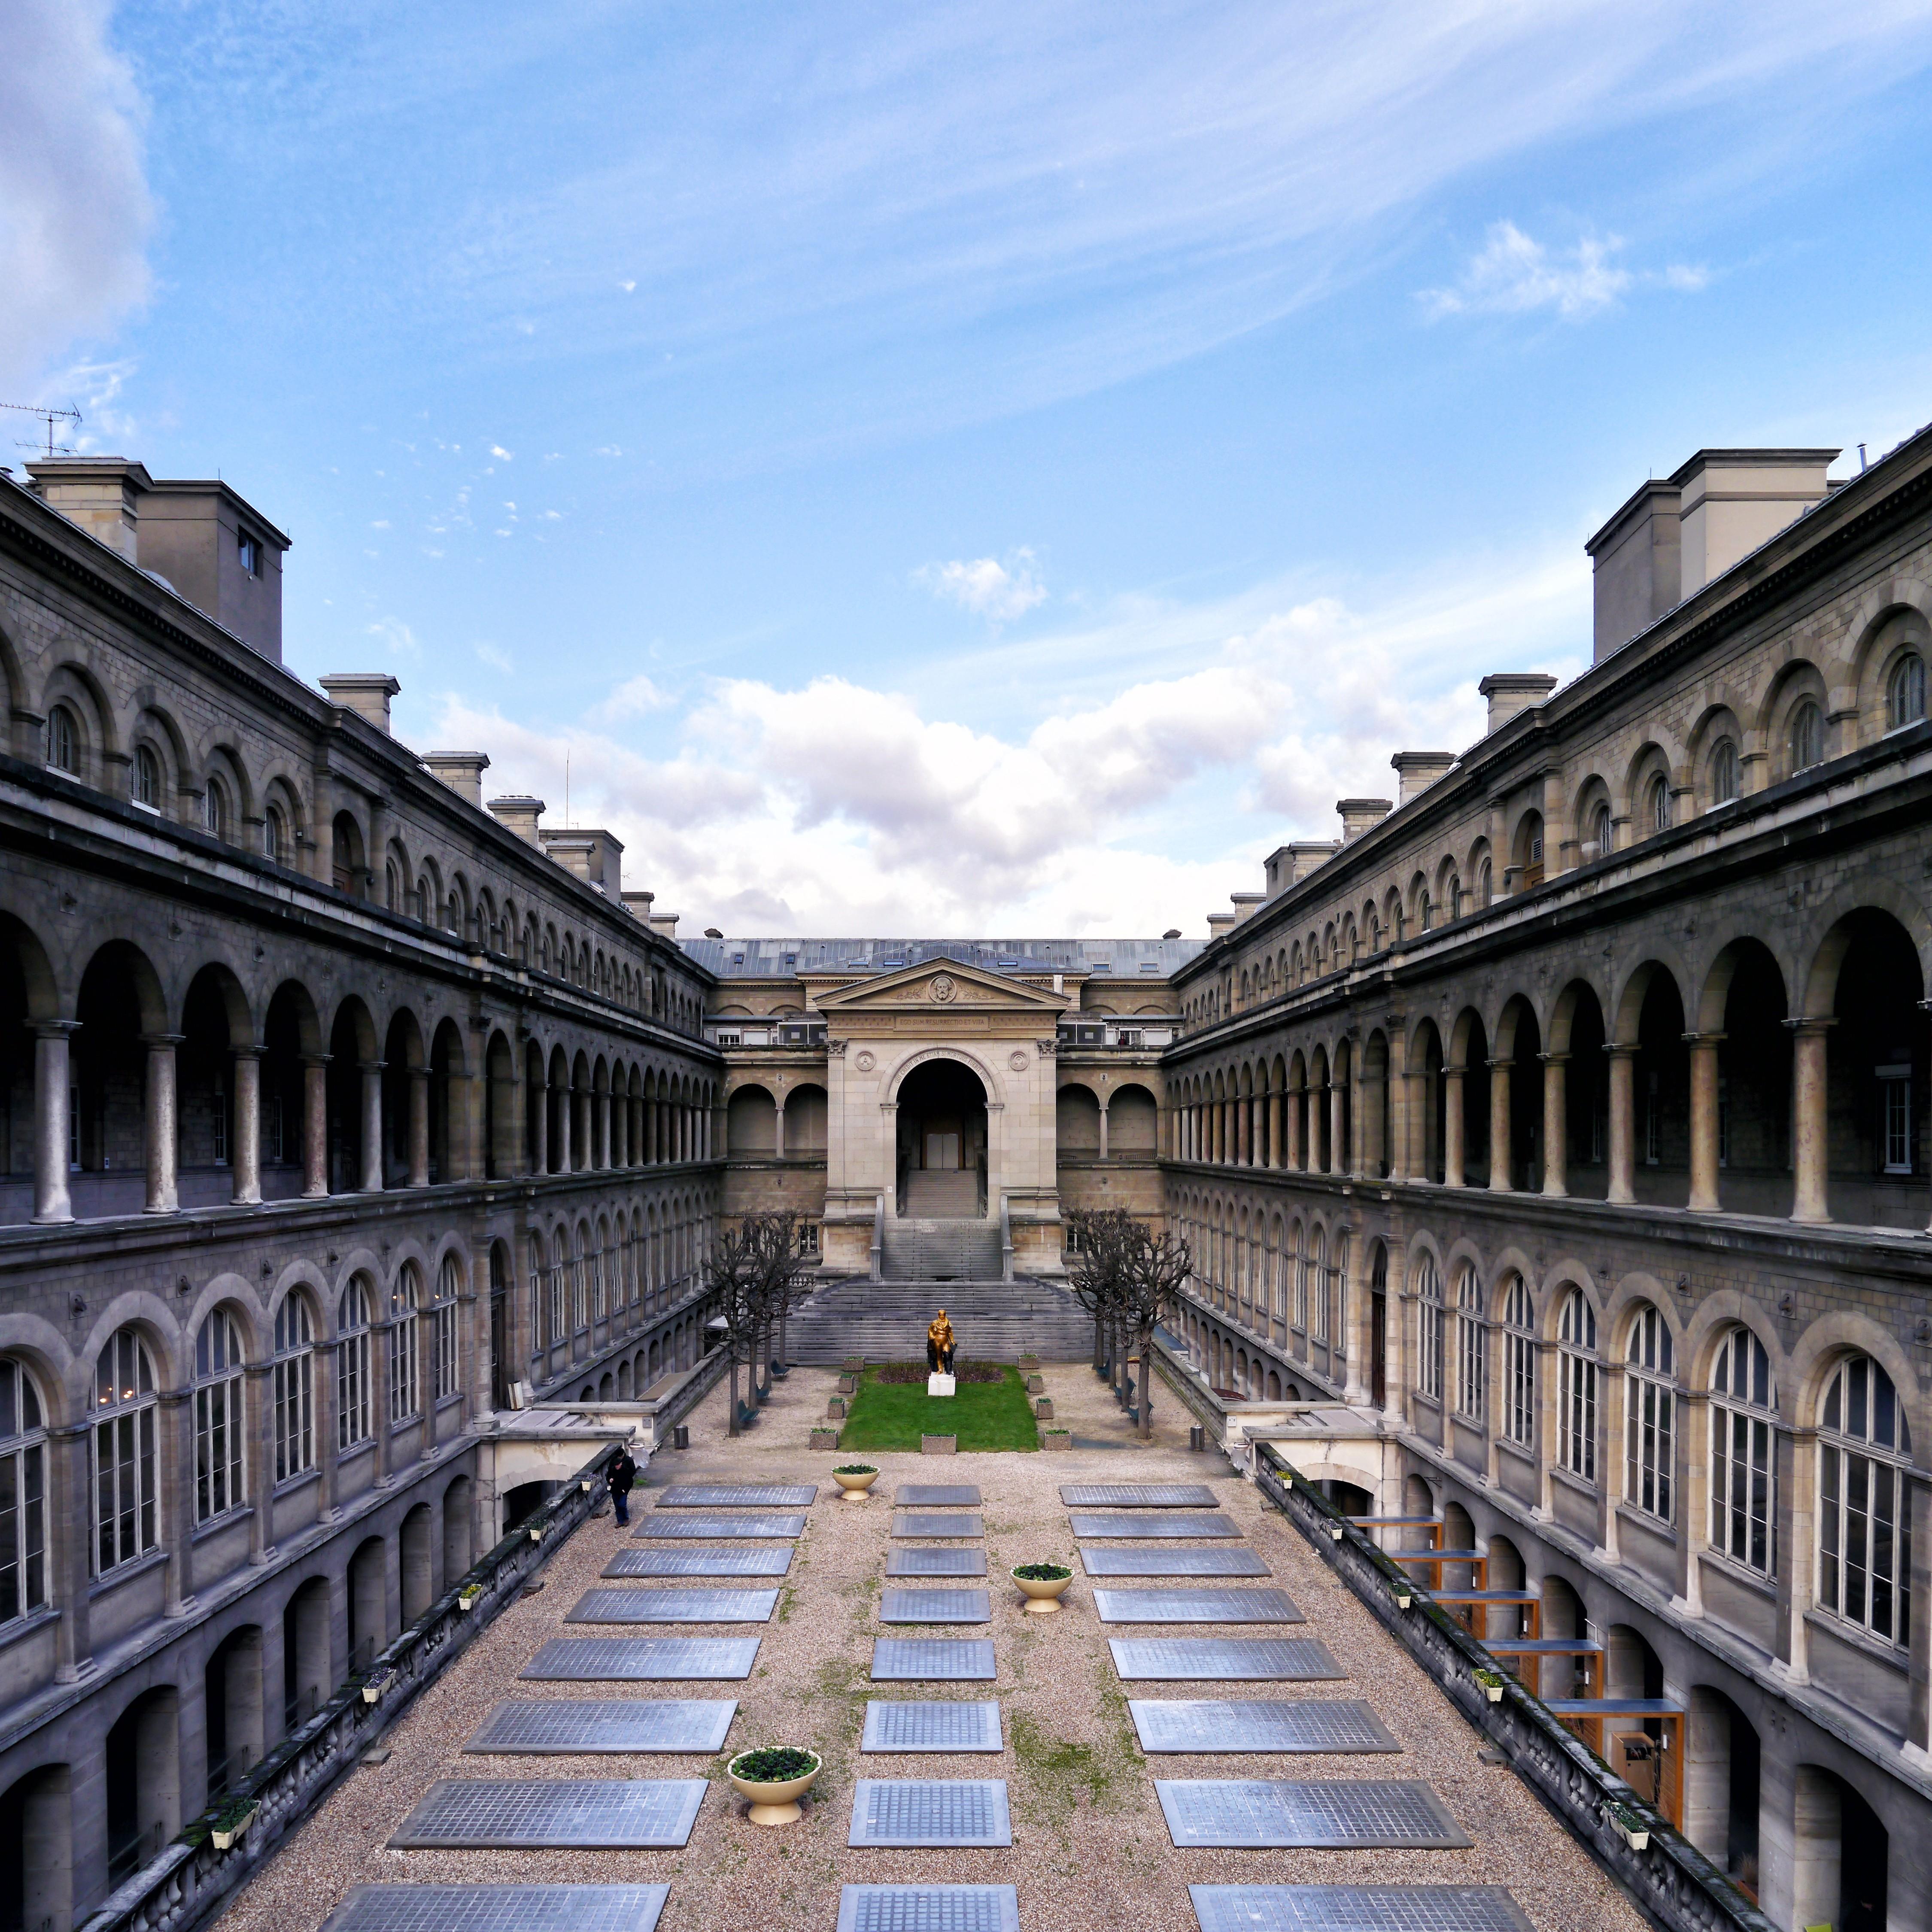 Paris Hotels Images The Hôtel-dieu de Paris